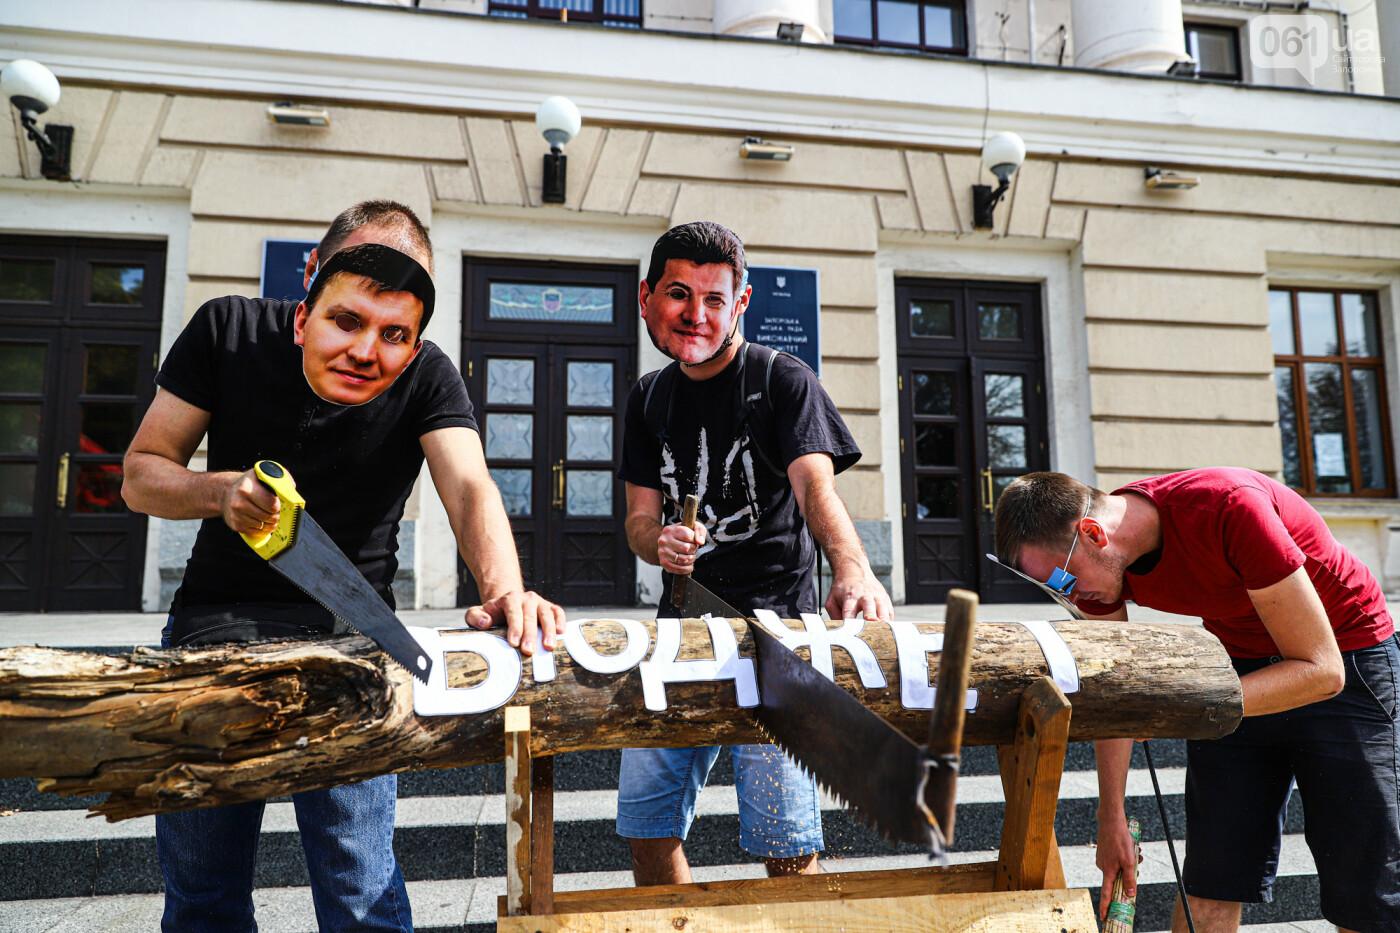 С пилами и в масках: в Запорожье возле мэрии активисты показали, как распиливают городской бюджет, - ФОТОРЕПОРТАЖ, фото-13